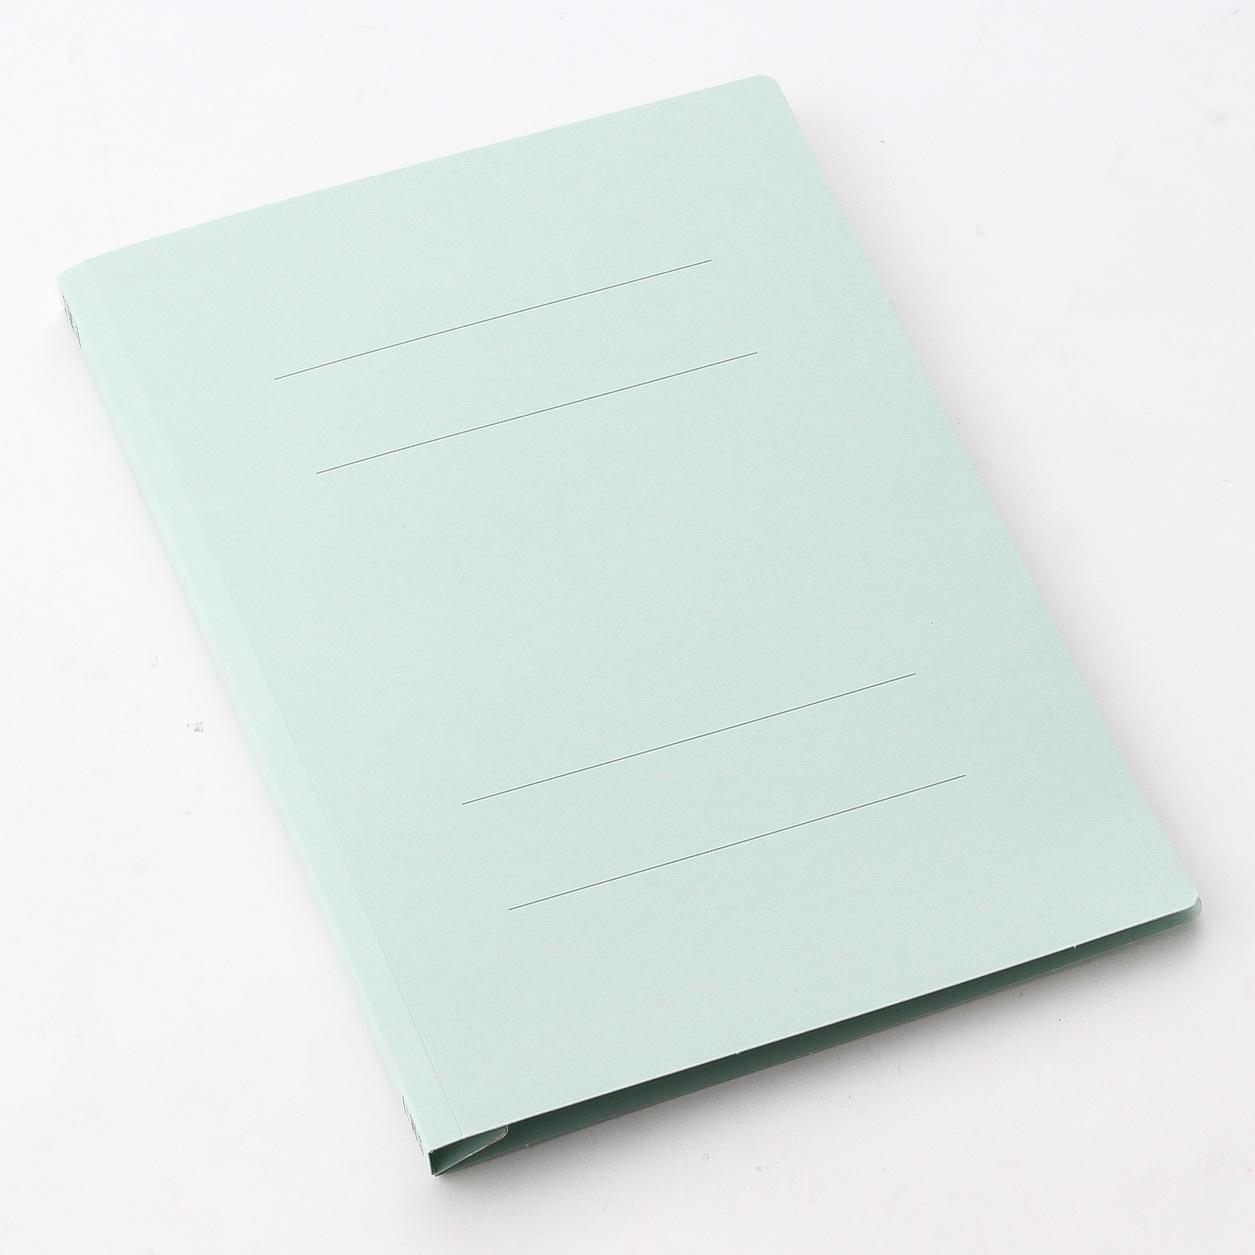 プラス フラットファイル 樹脂 A4 縦 ブルー (NO.021N) 10冊